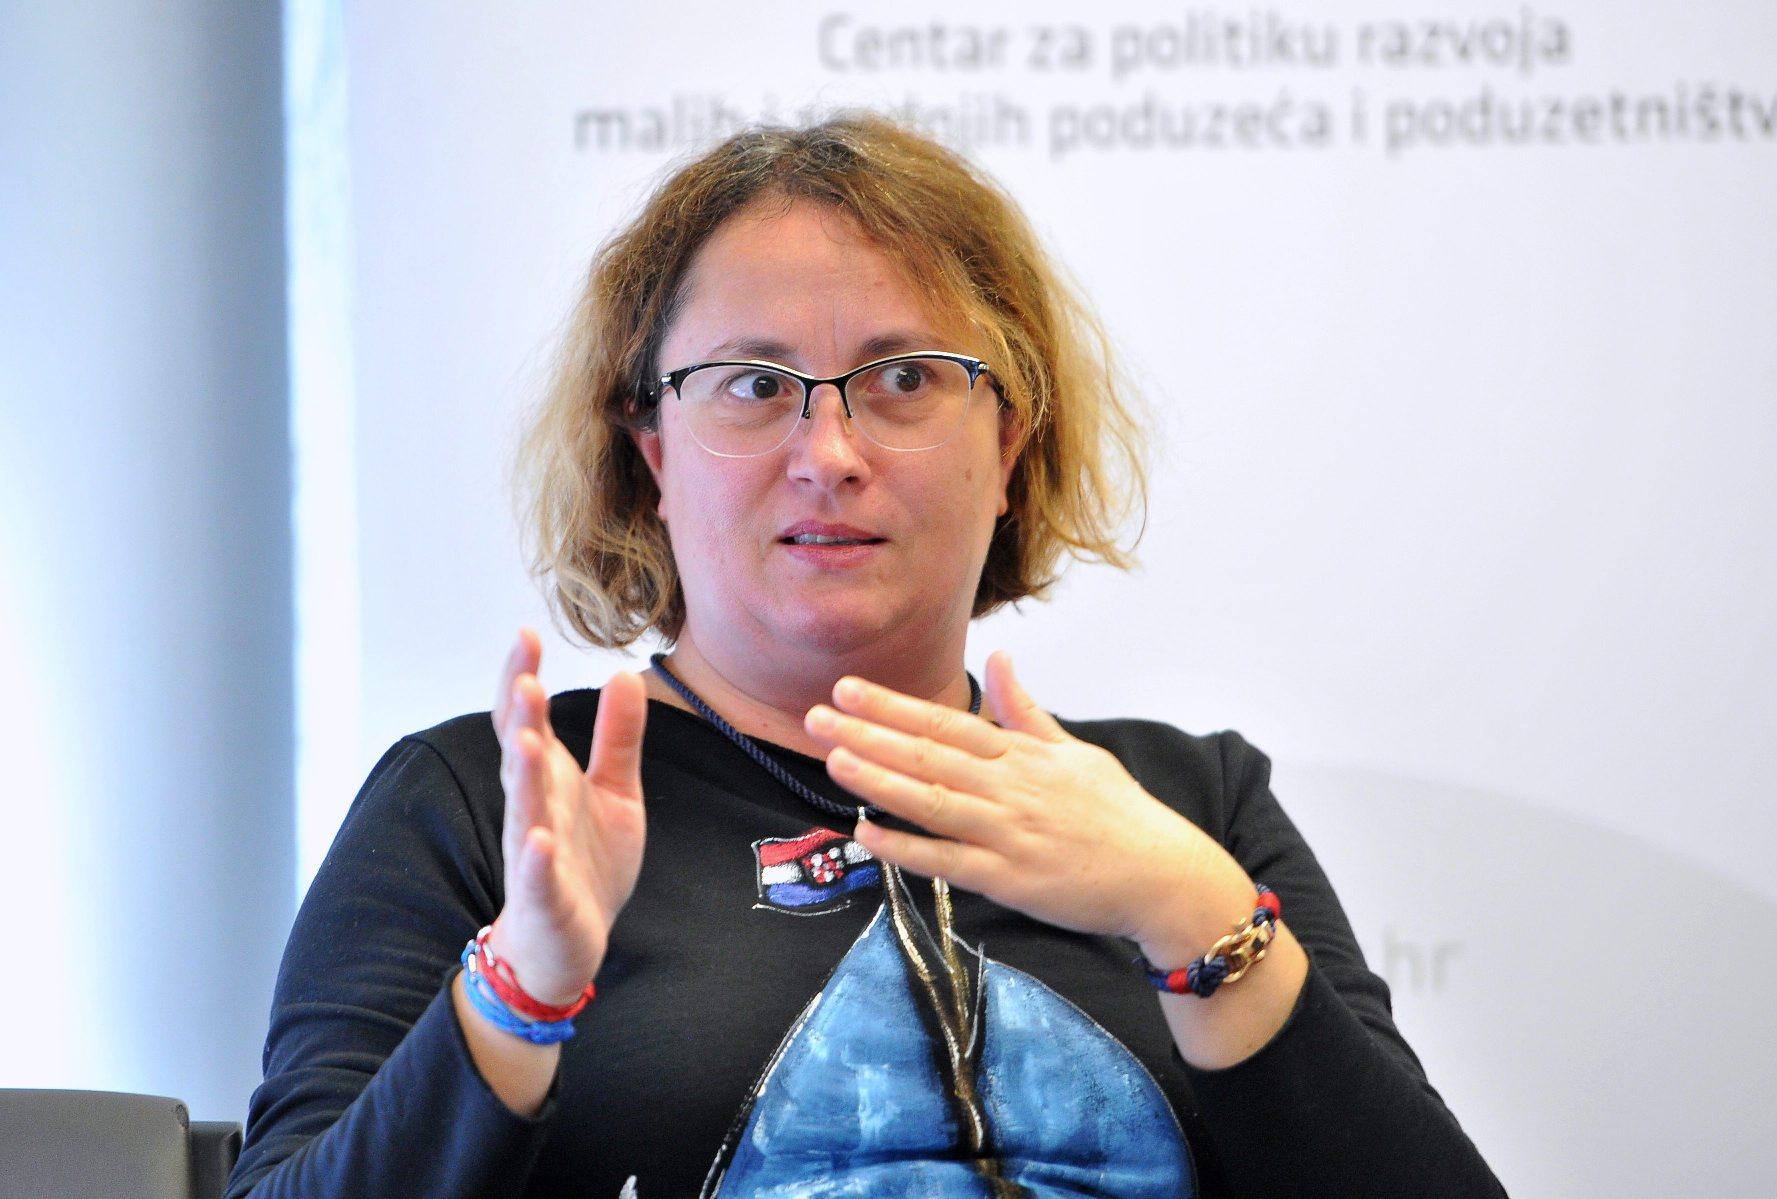 Mirela Rus